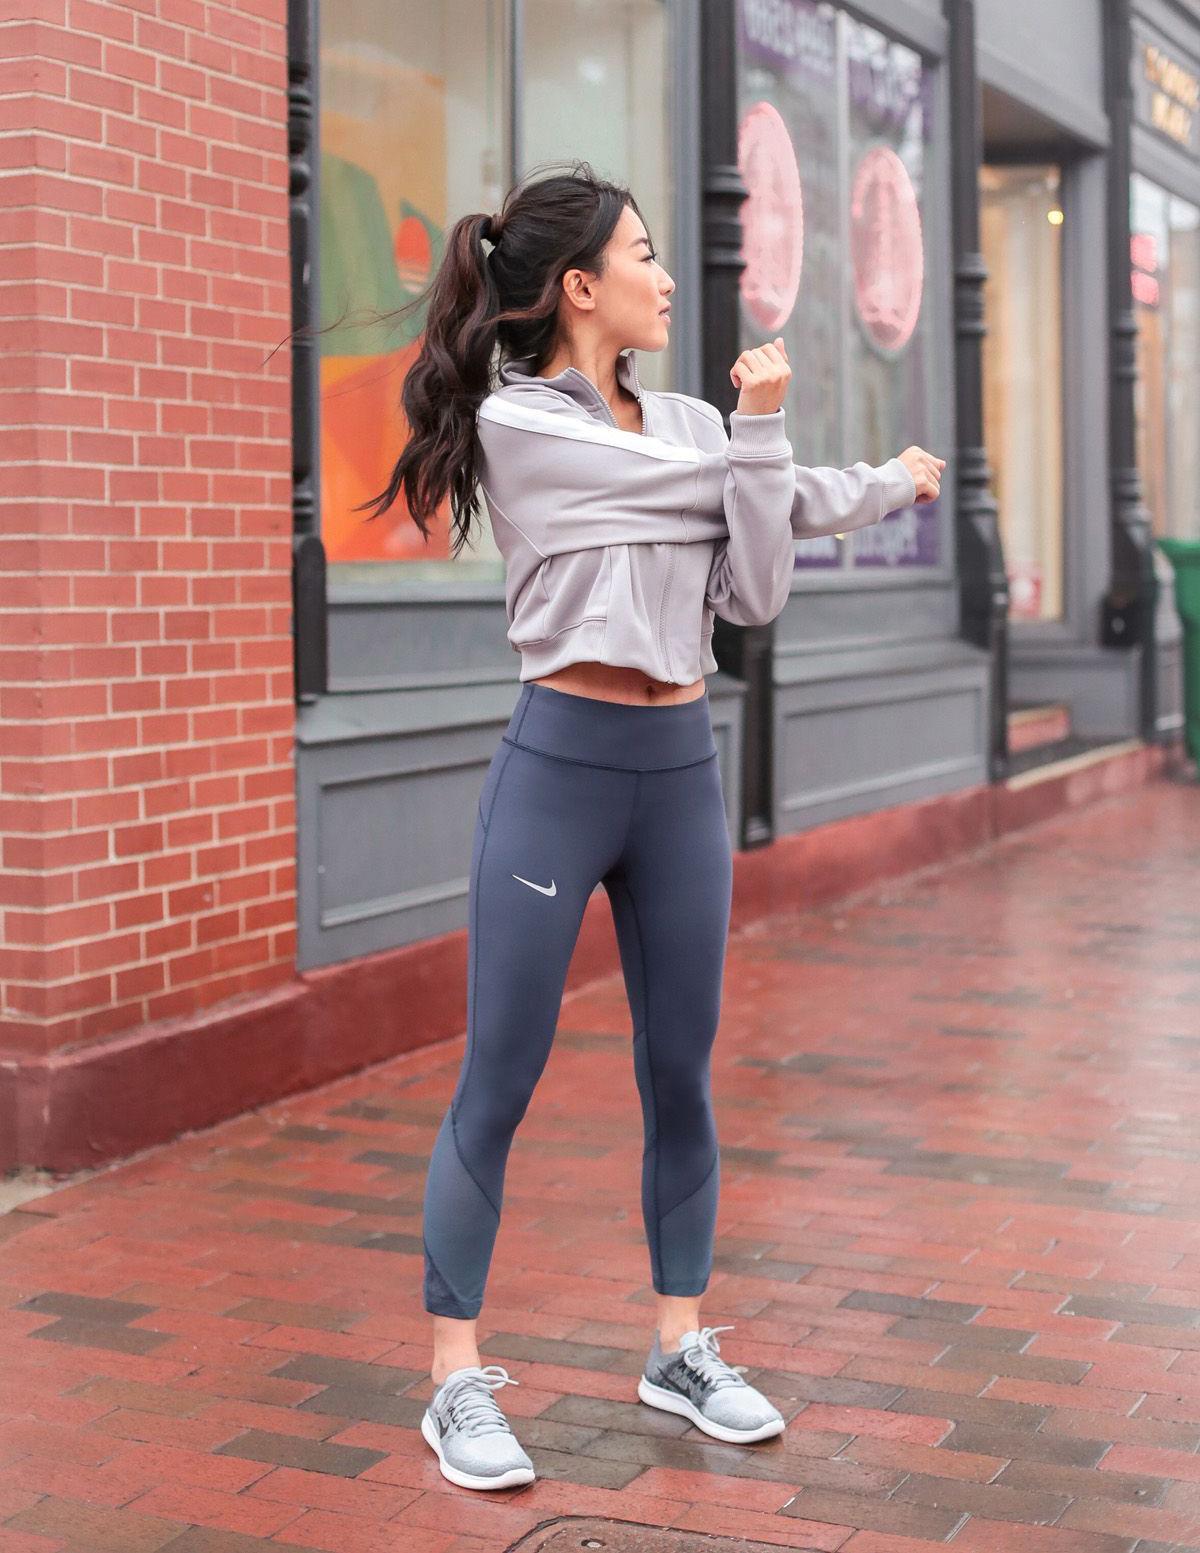 Bajar de peso en 1 mes con ejercicios